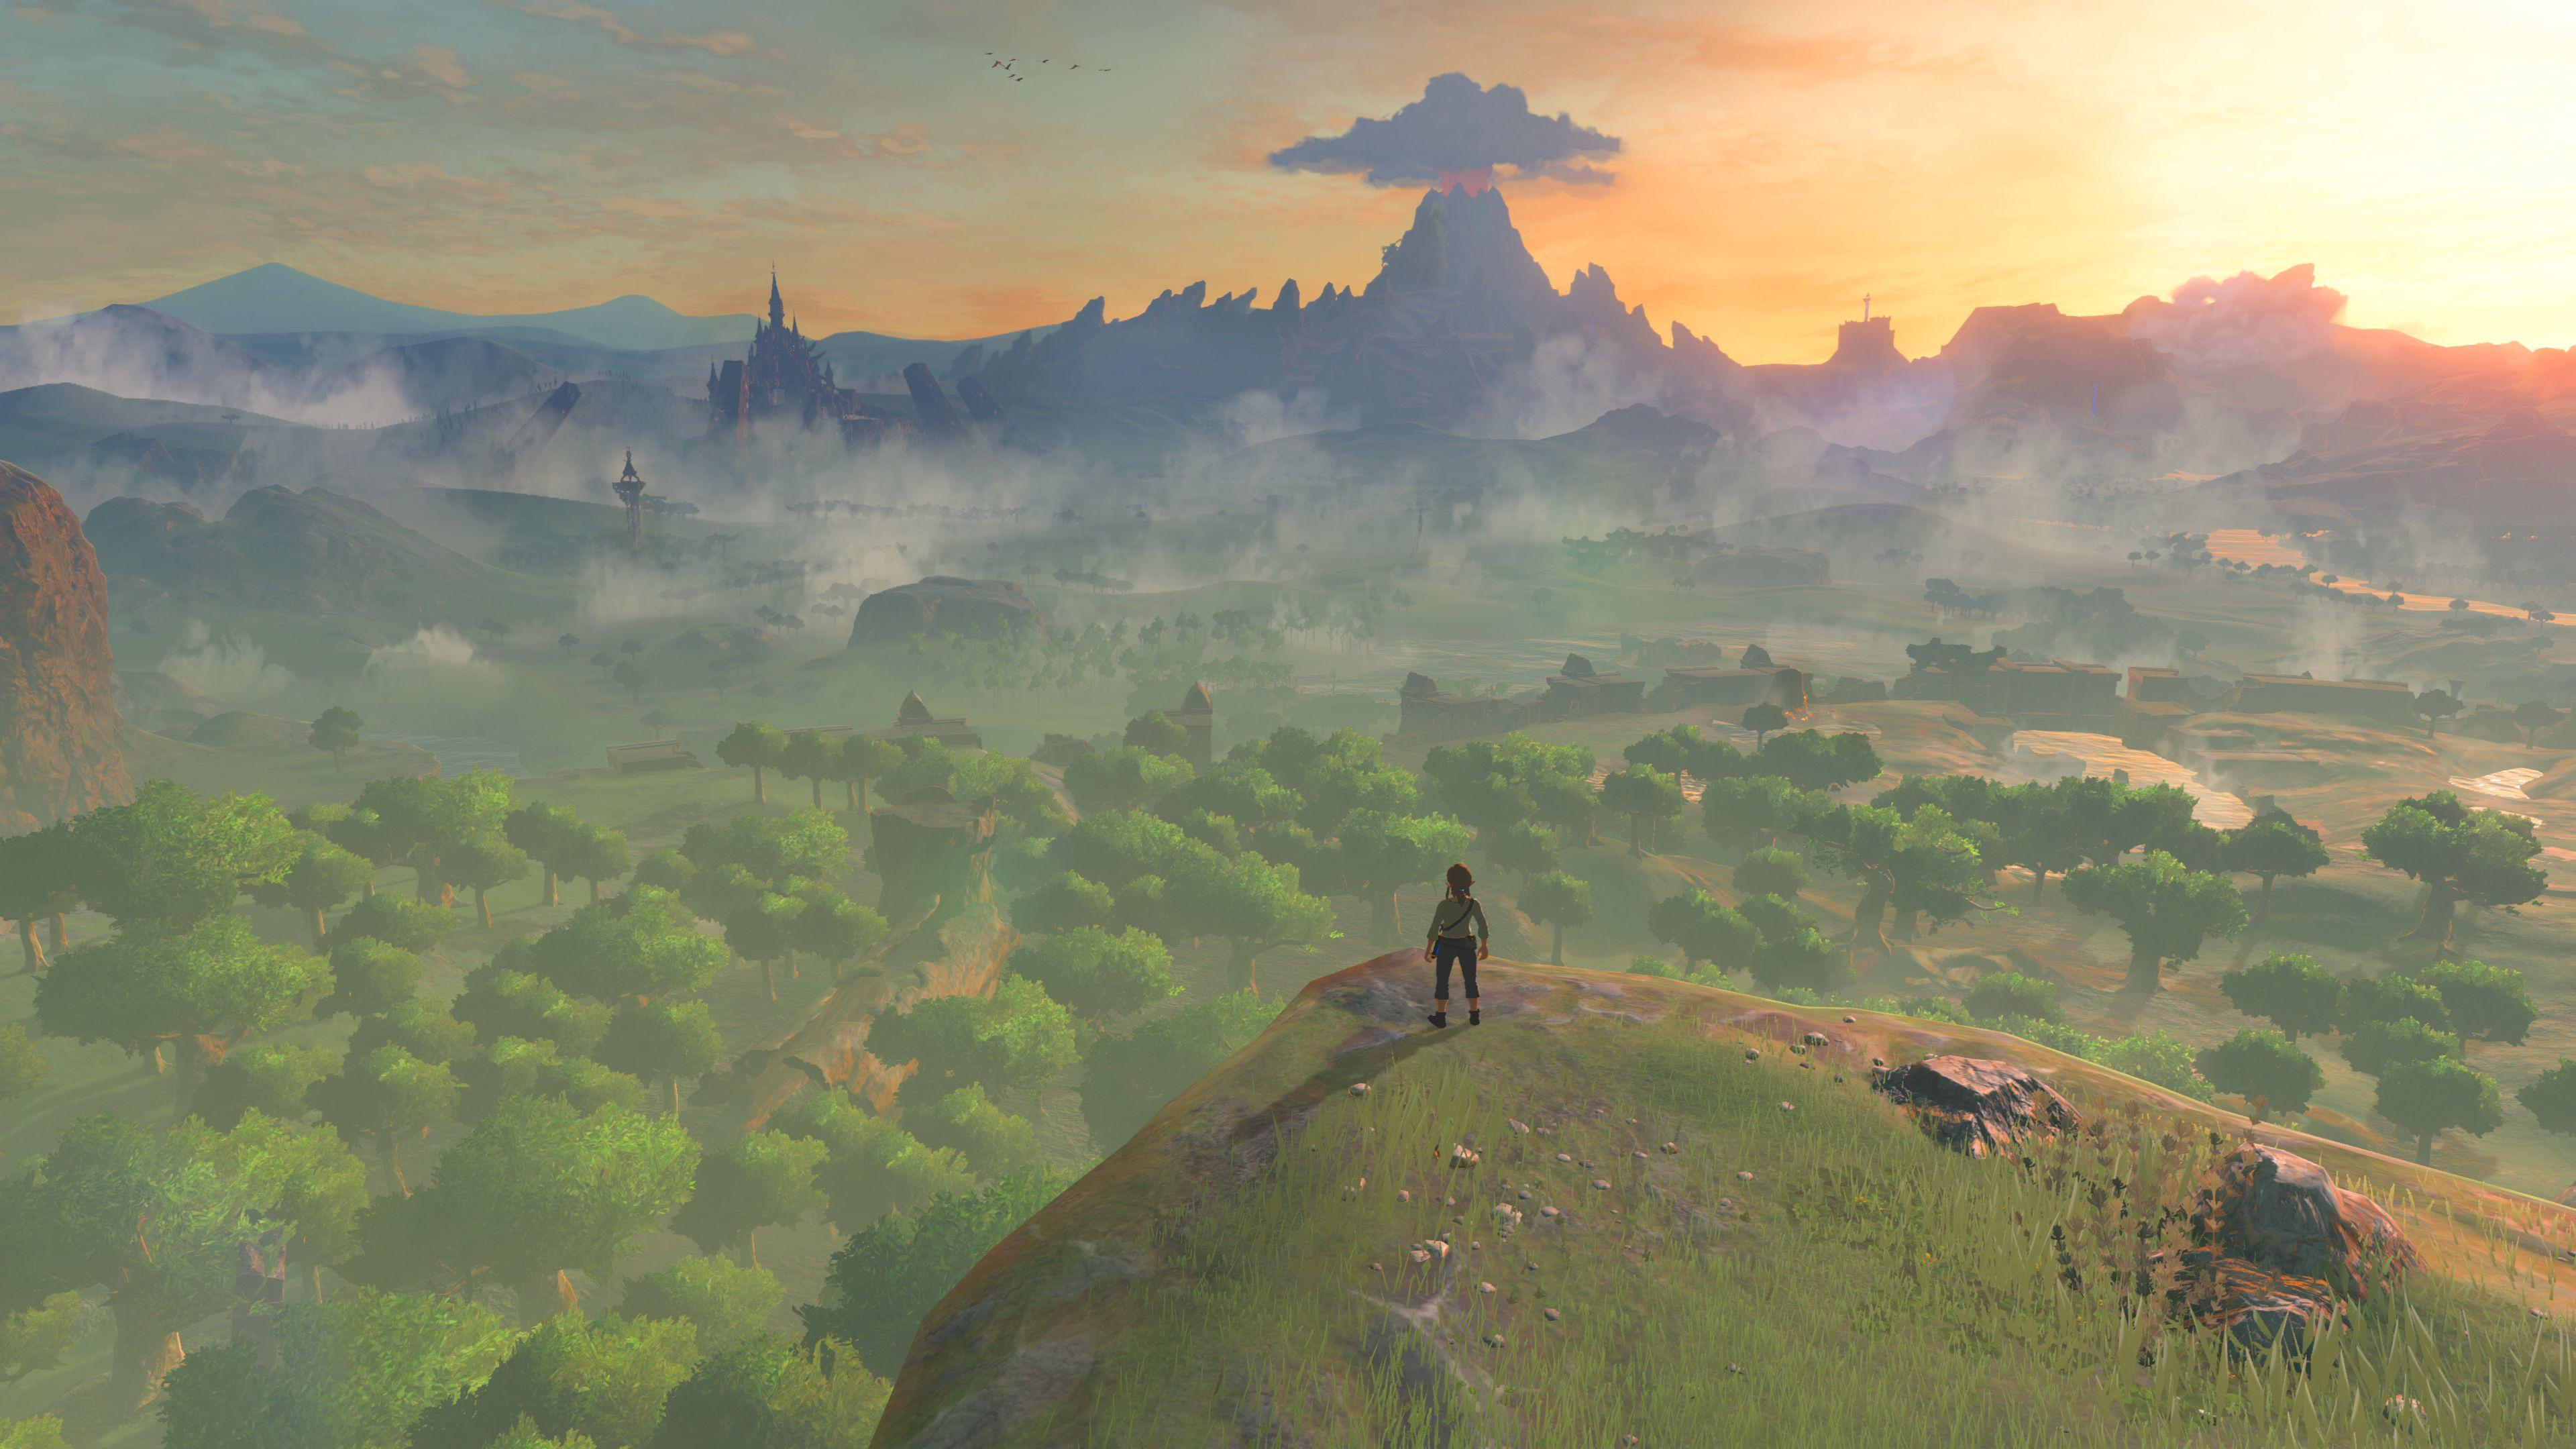 The Legend Of Zelda Breath Of The Wild Wallpaper Pack Breath Of The Wild Wallpaper Breath Of The Wild Legend Of Zelda